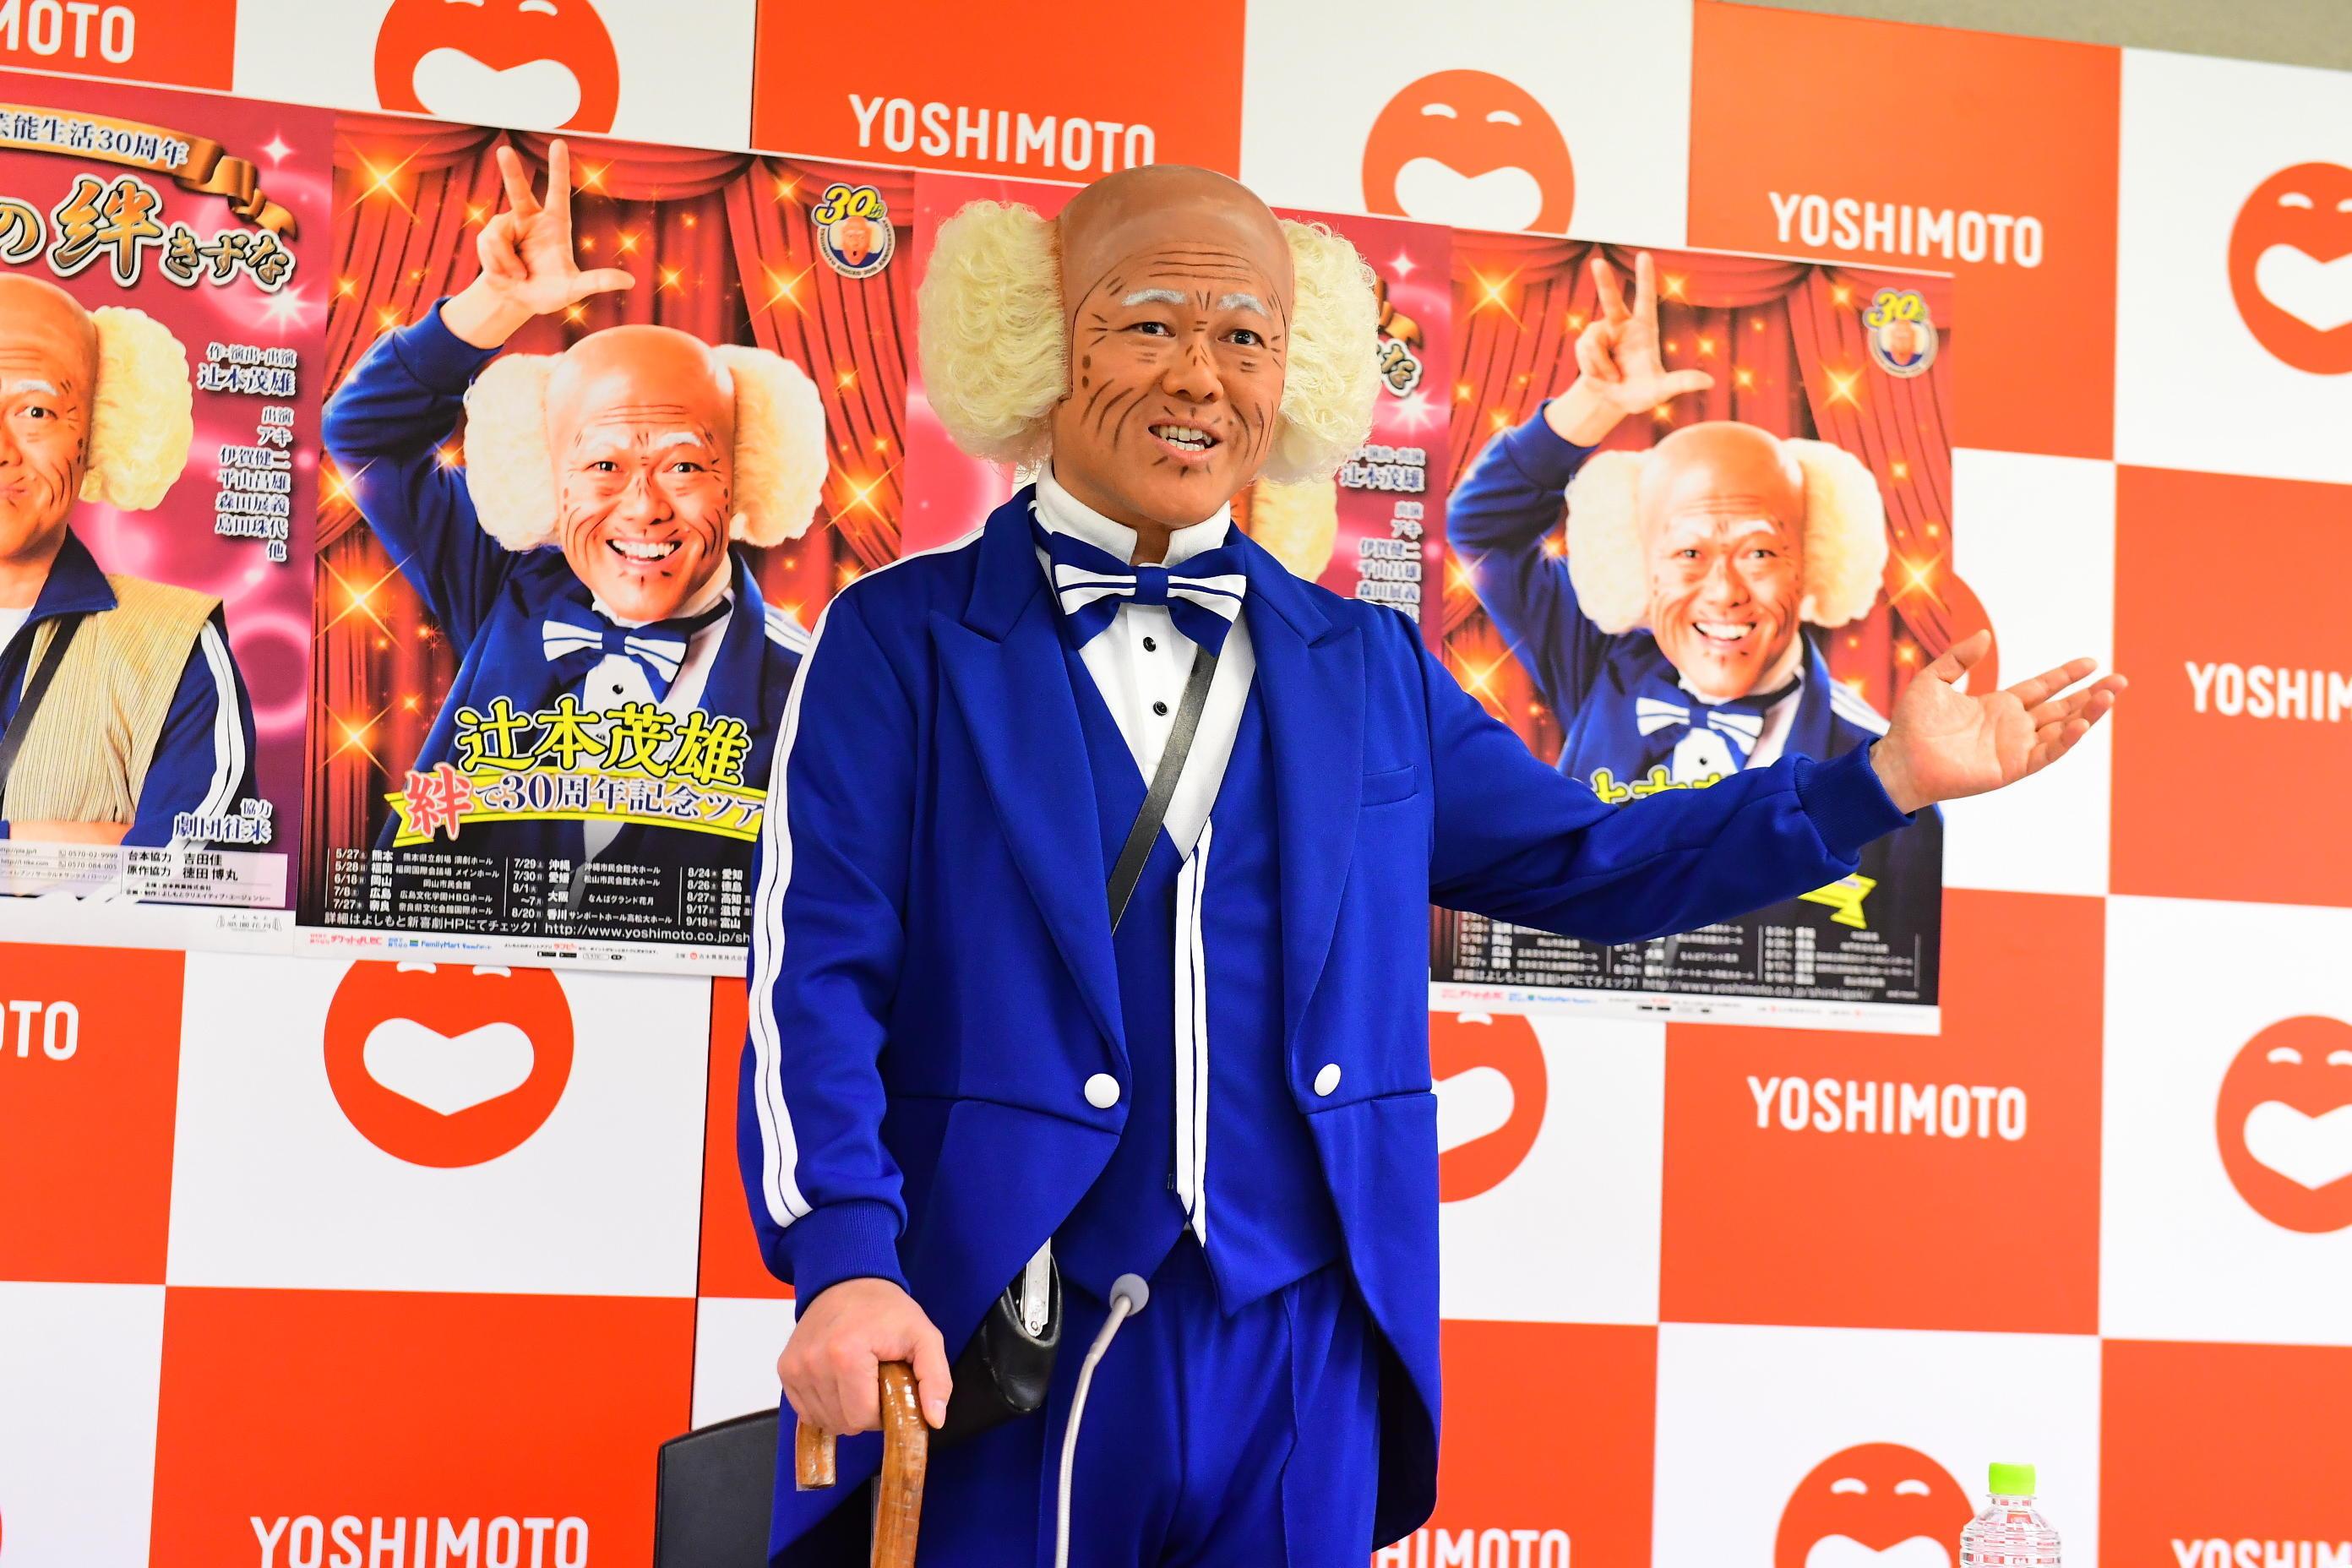 http://news.yoshimoto.co.jp/20170131182058-140aedb4e4b1c67c74f20873b2fb442160cb6963.jpg